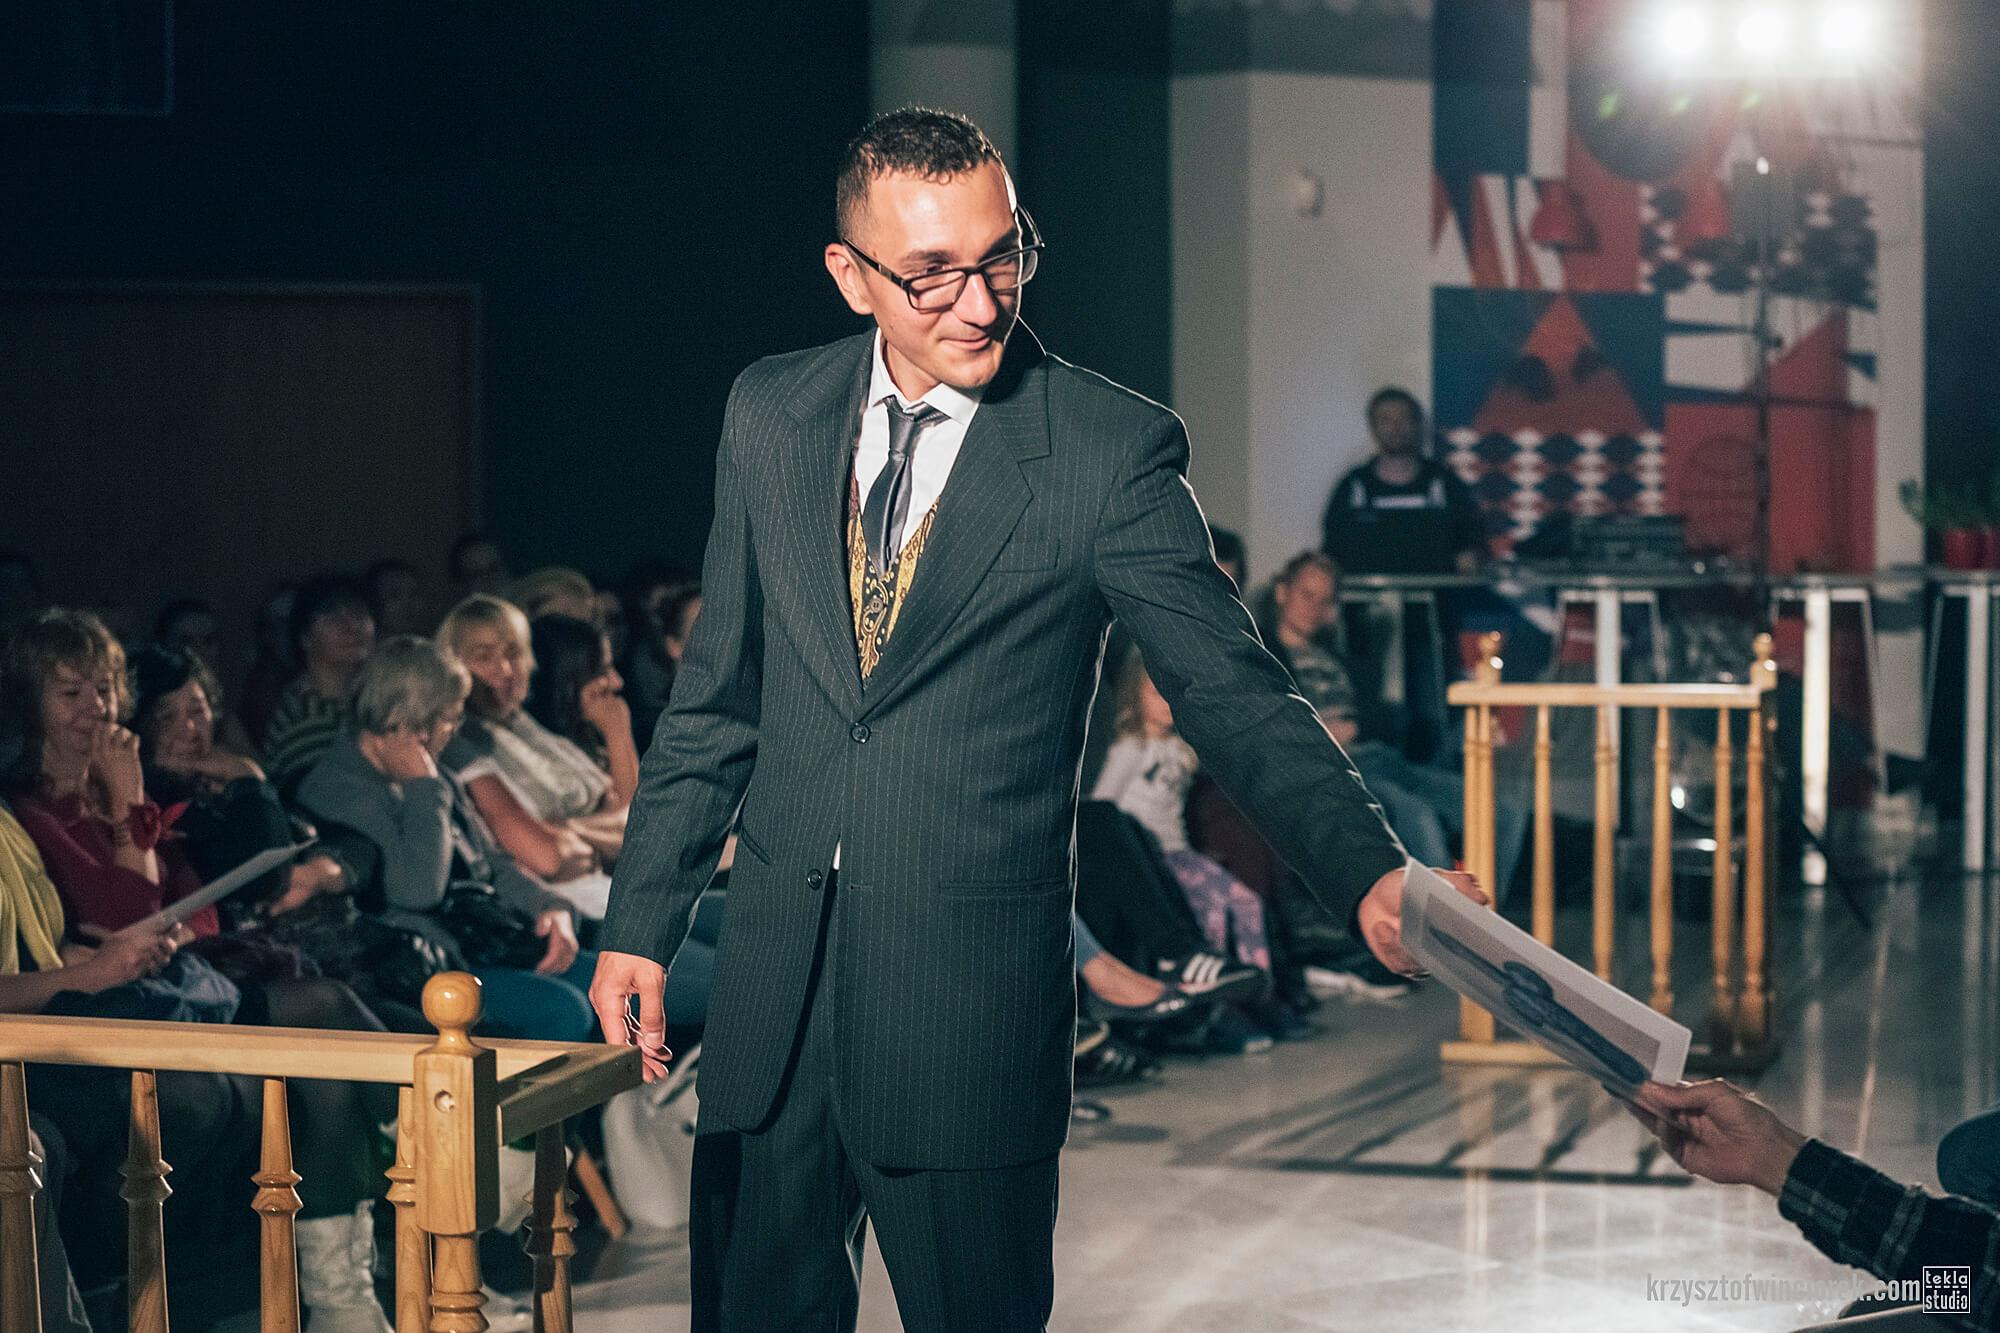 Zdjęcie z festiwalu Pociąg do miasta. Aktor w ciemnym garniturze i okularach, podaję kartkę papieru jednemu z widzów.